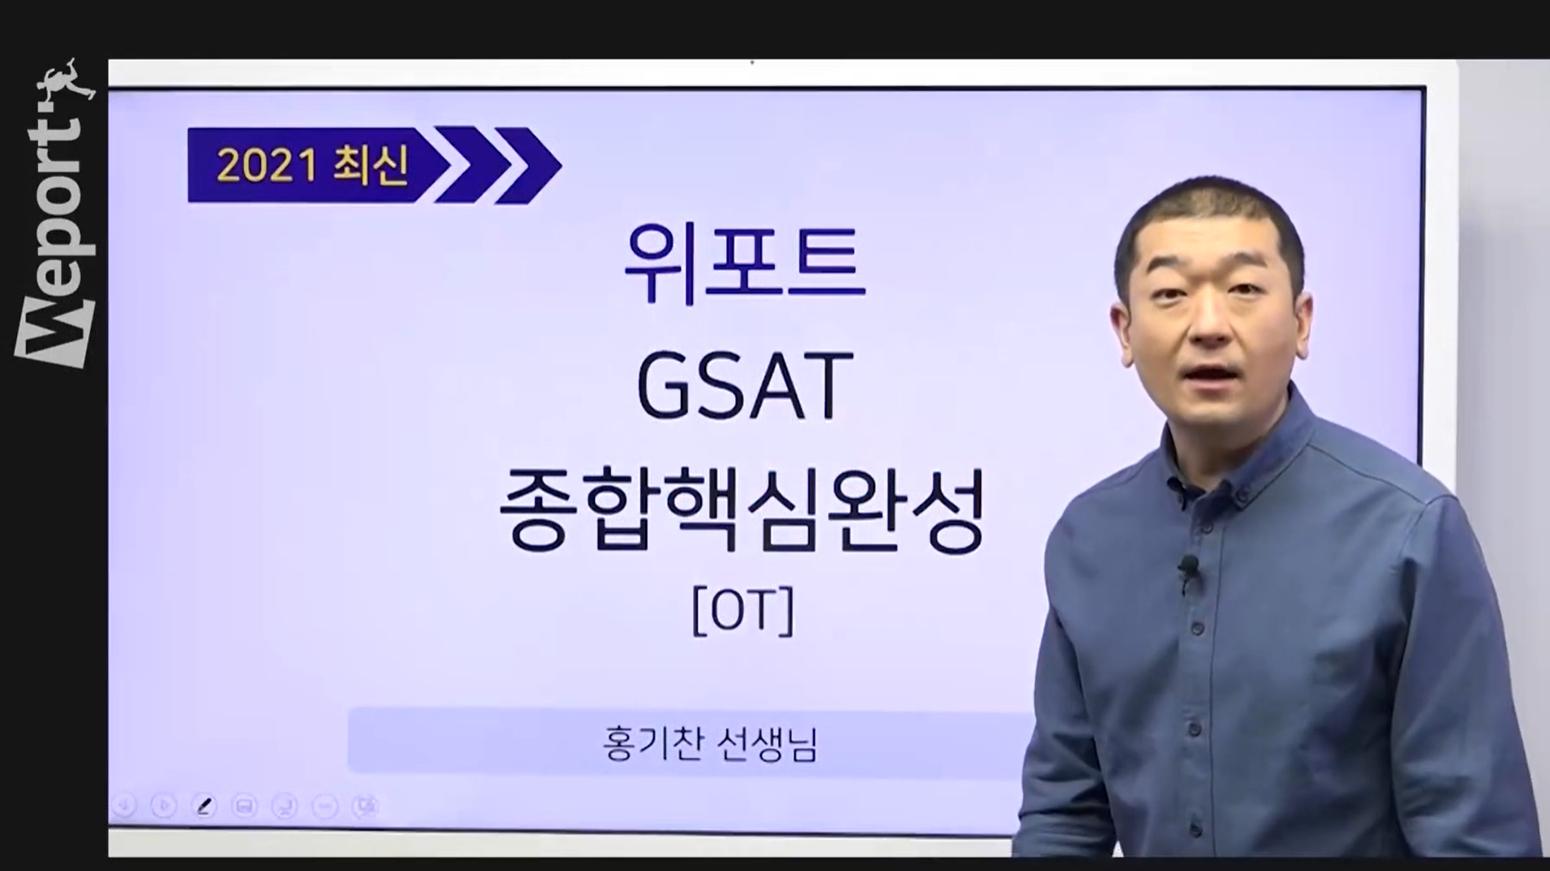 [최신] 2021 상반기 홍기찬, 류병주의 수리/추리 GSAT 종합핵심완성 (기본)